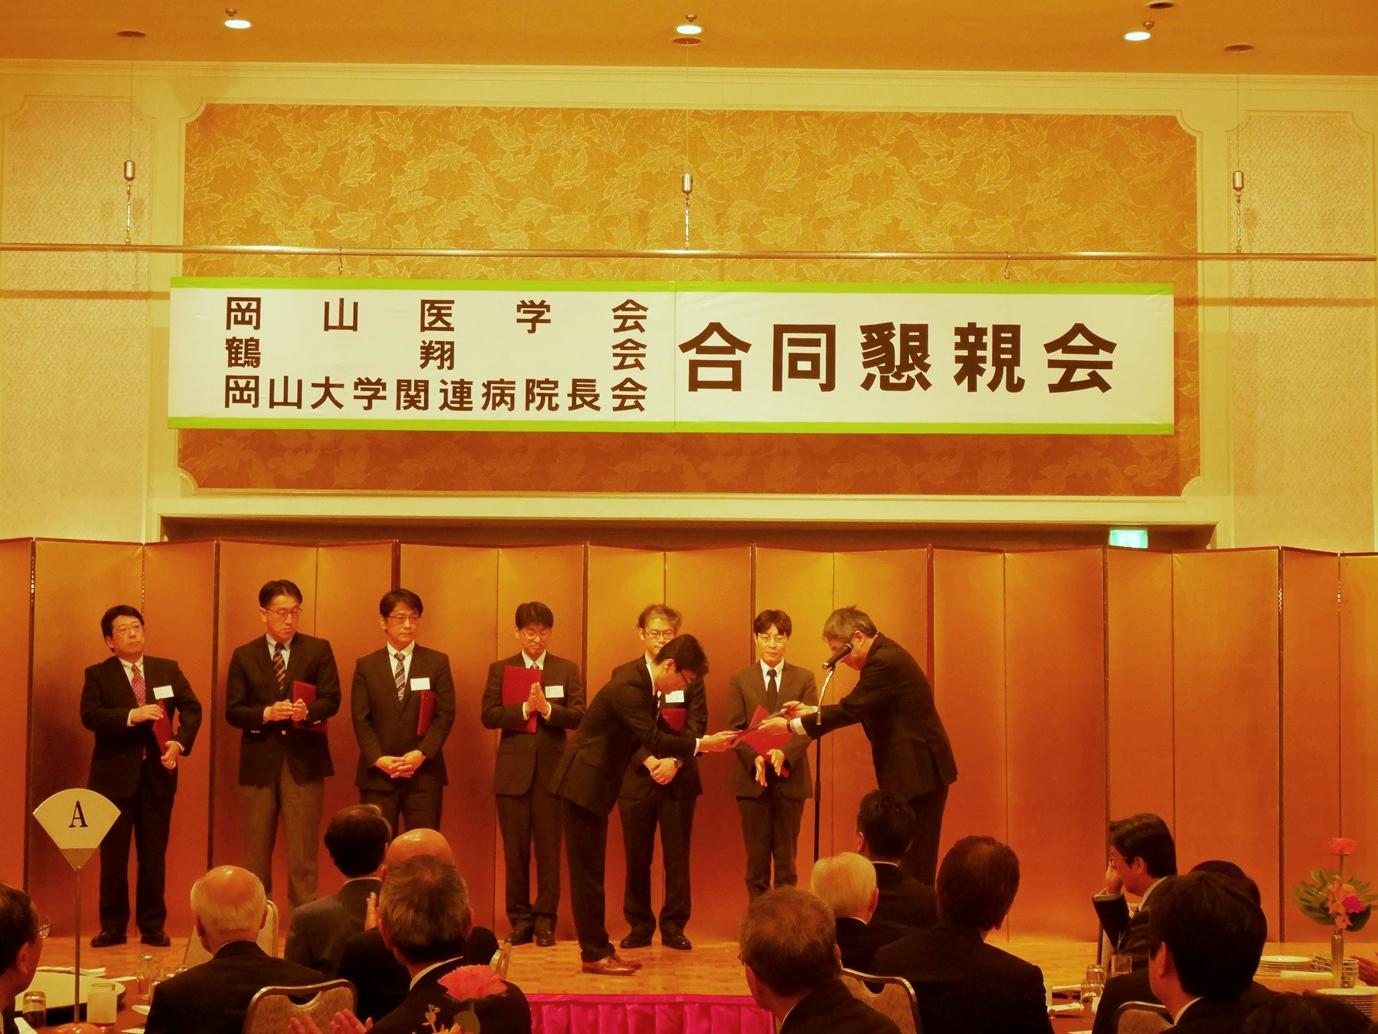 岡山医学会賞授賞式(前田嘉信先生)